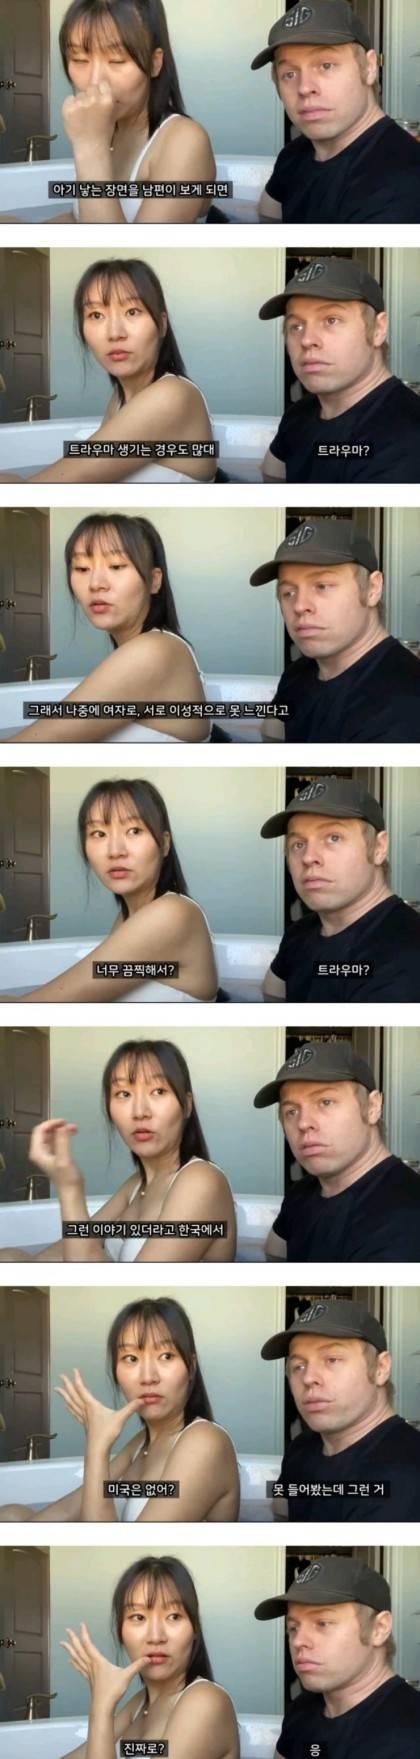 유독 한국에만 나타나는 트라우마 | 인스티즈